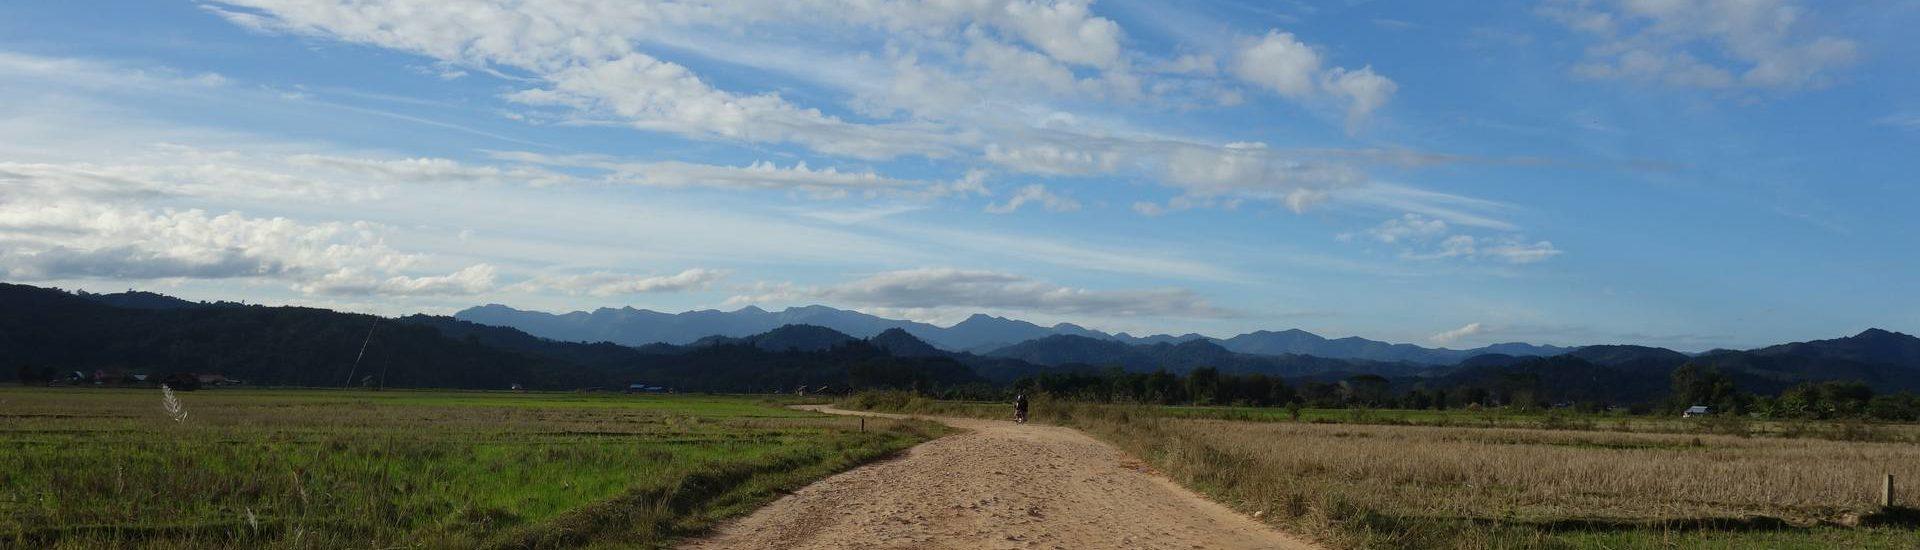 Piękny krajobraz w Laosie